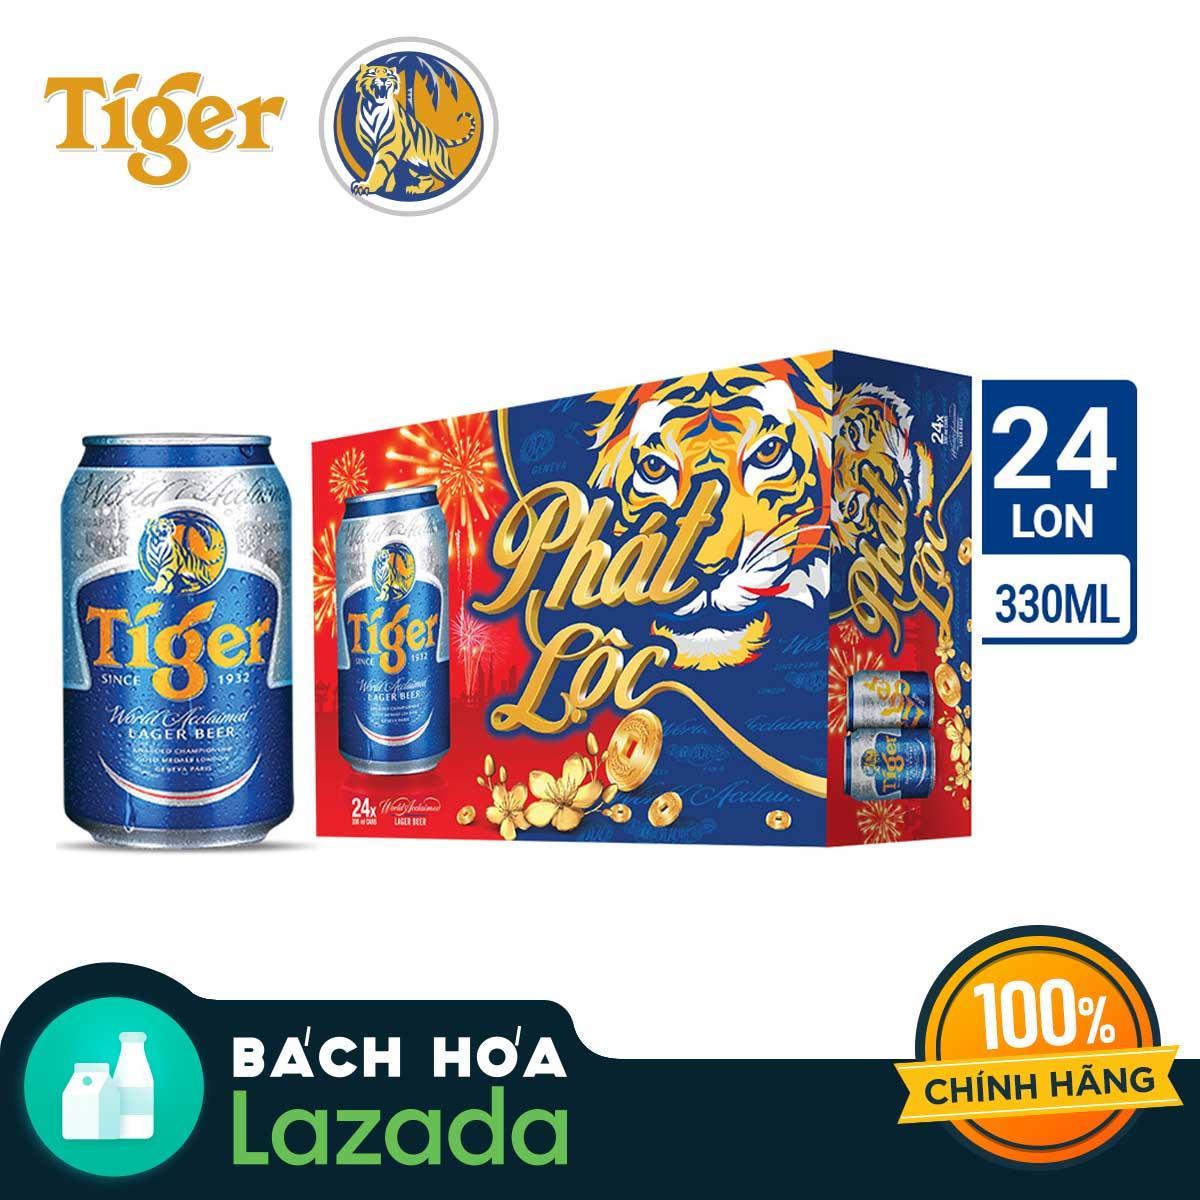 Thùng Bia 24 Lon Tiger 330ml Bao Bì Tết Bất Ngờ Ưu Đãi Giá